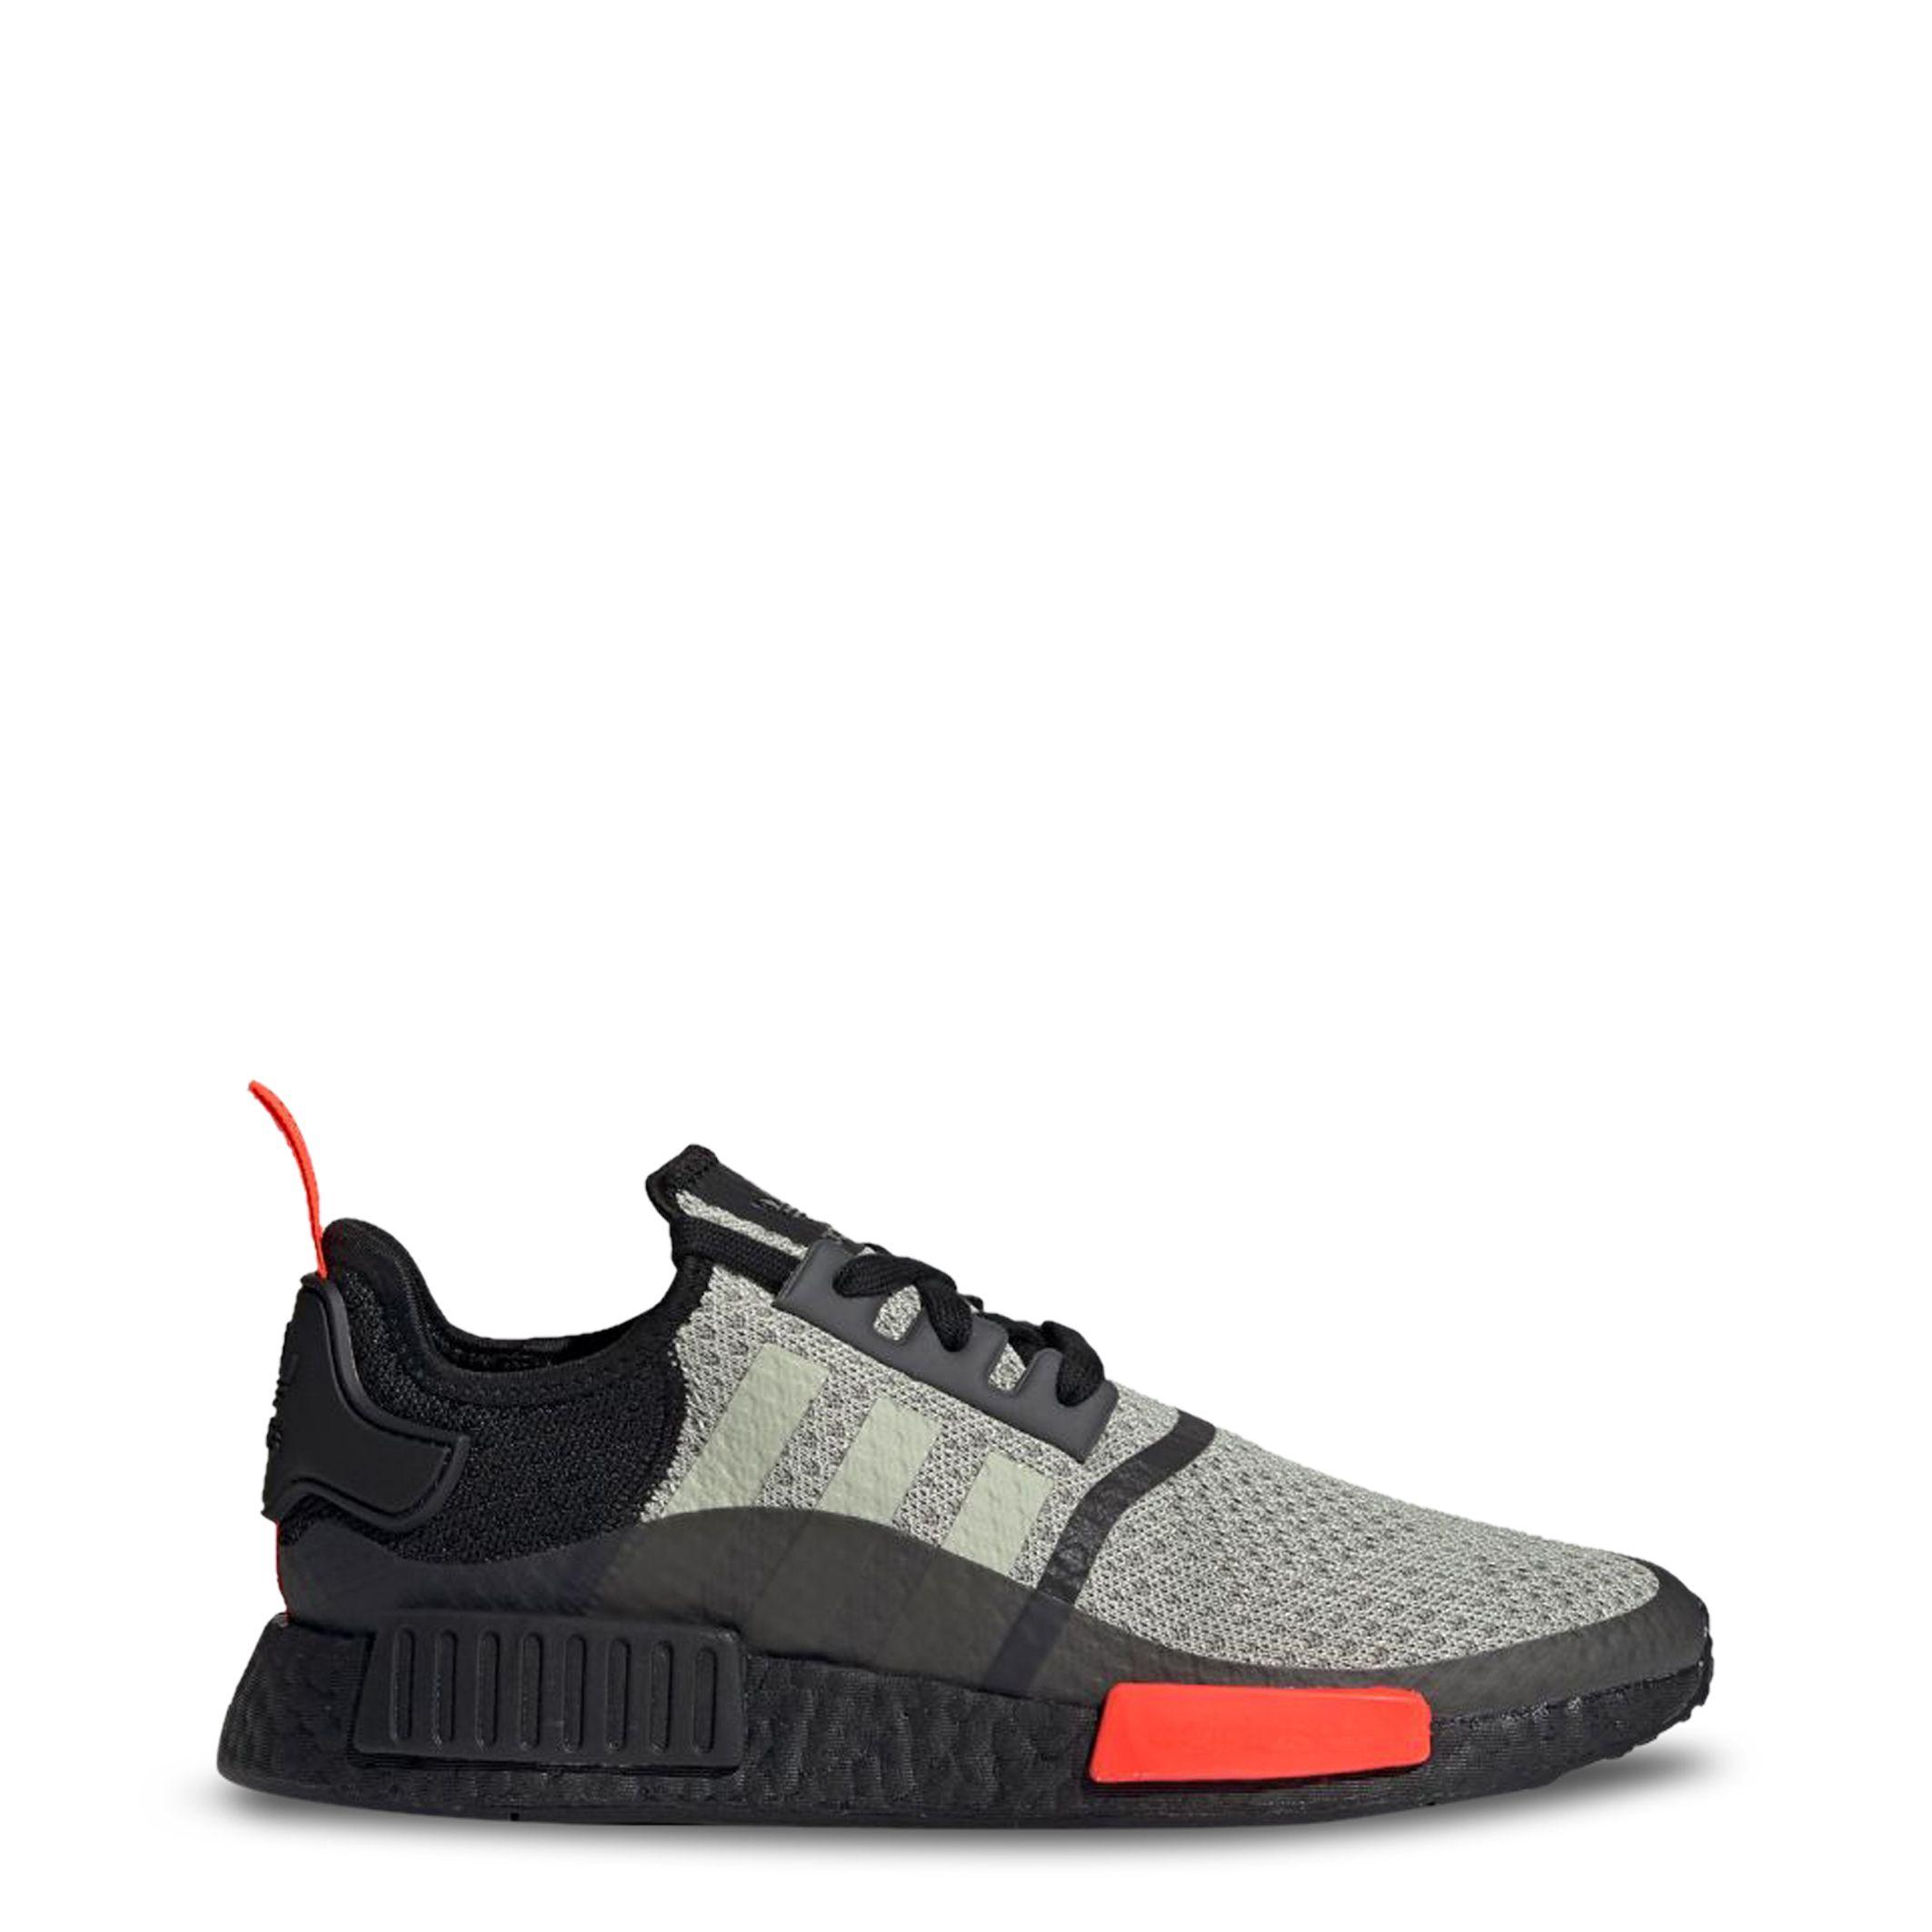 Adidas – NMD_R1 – Negro